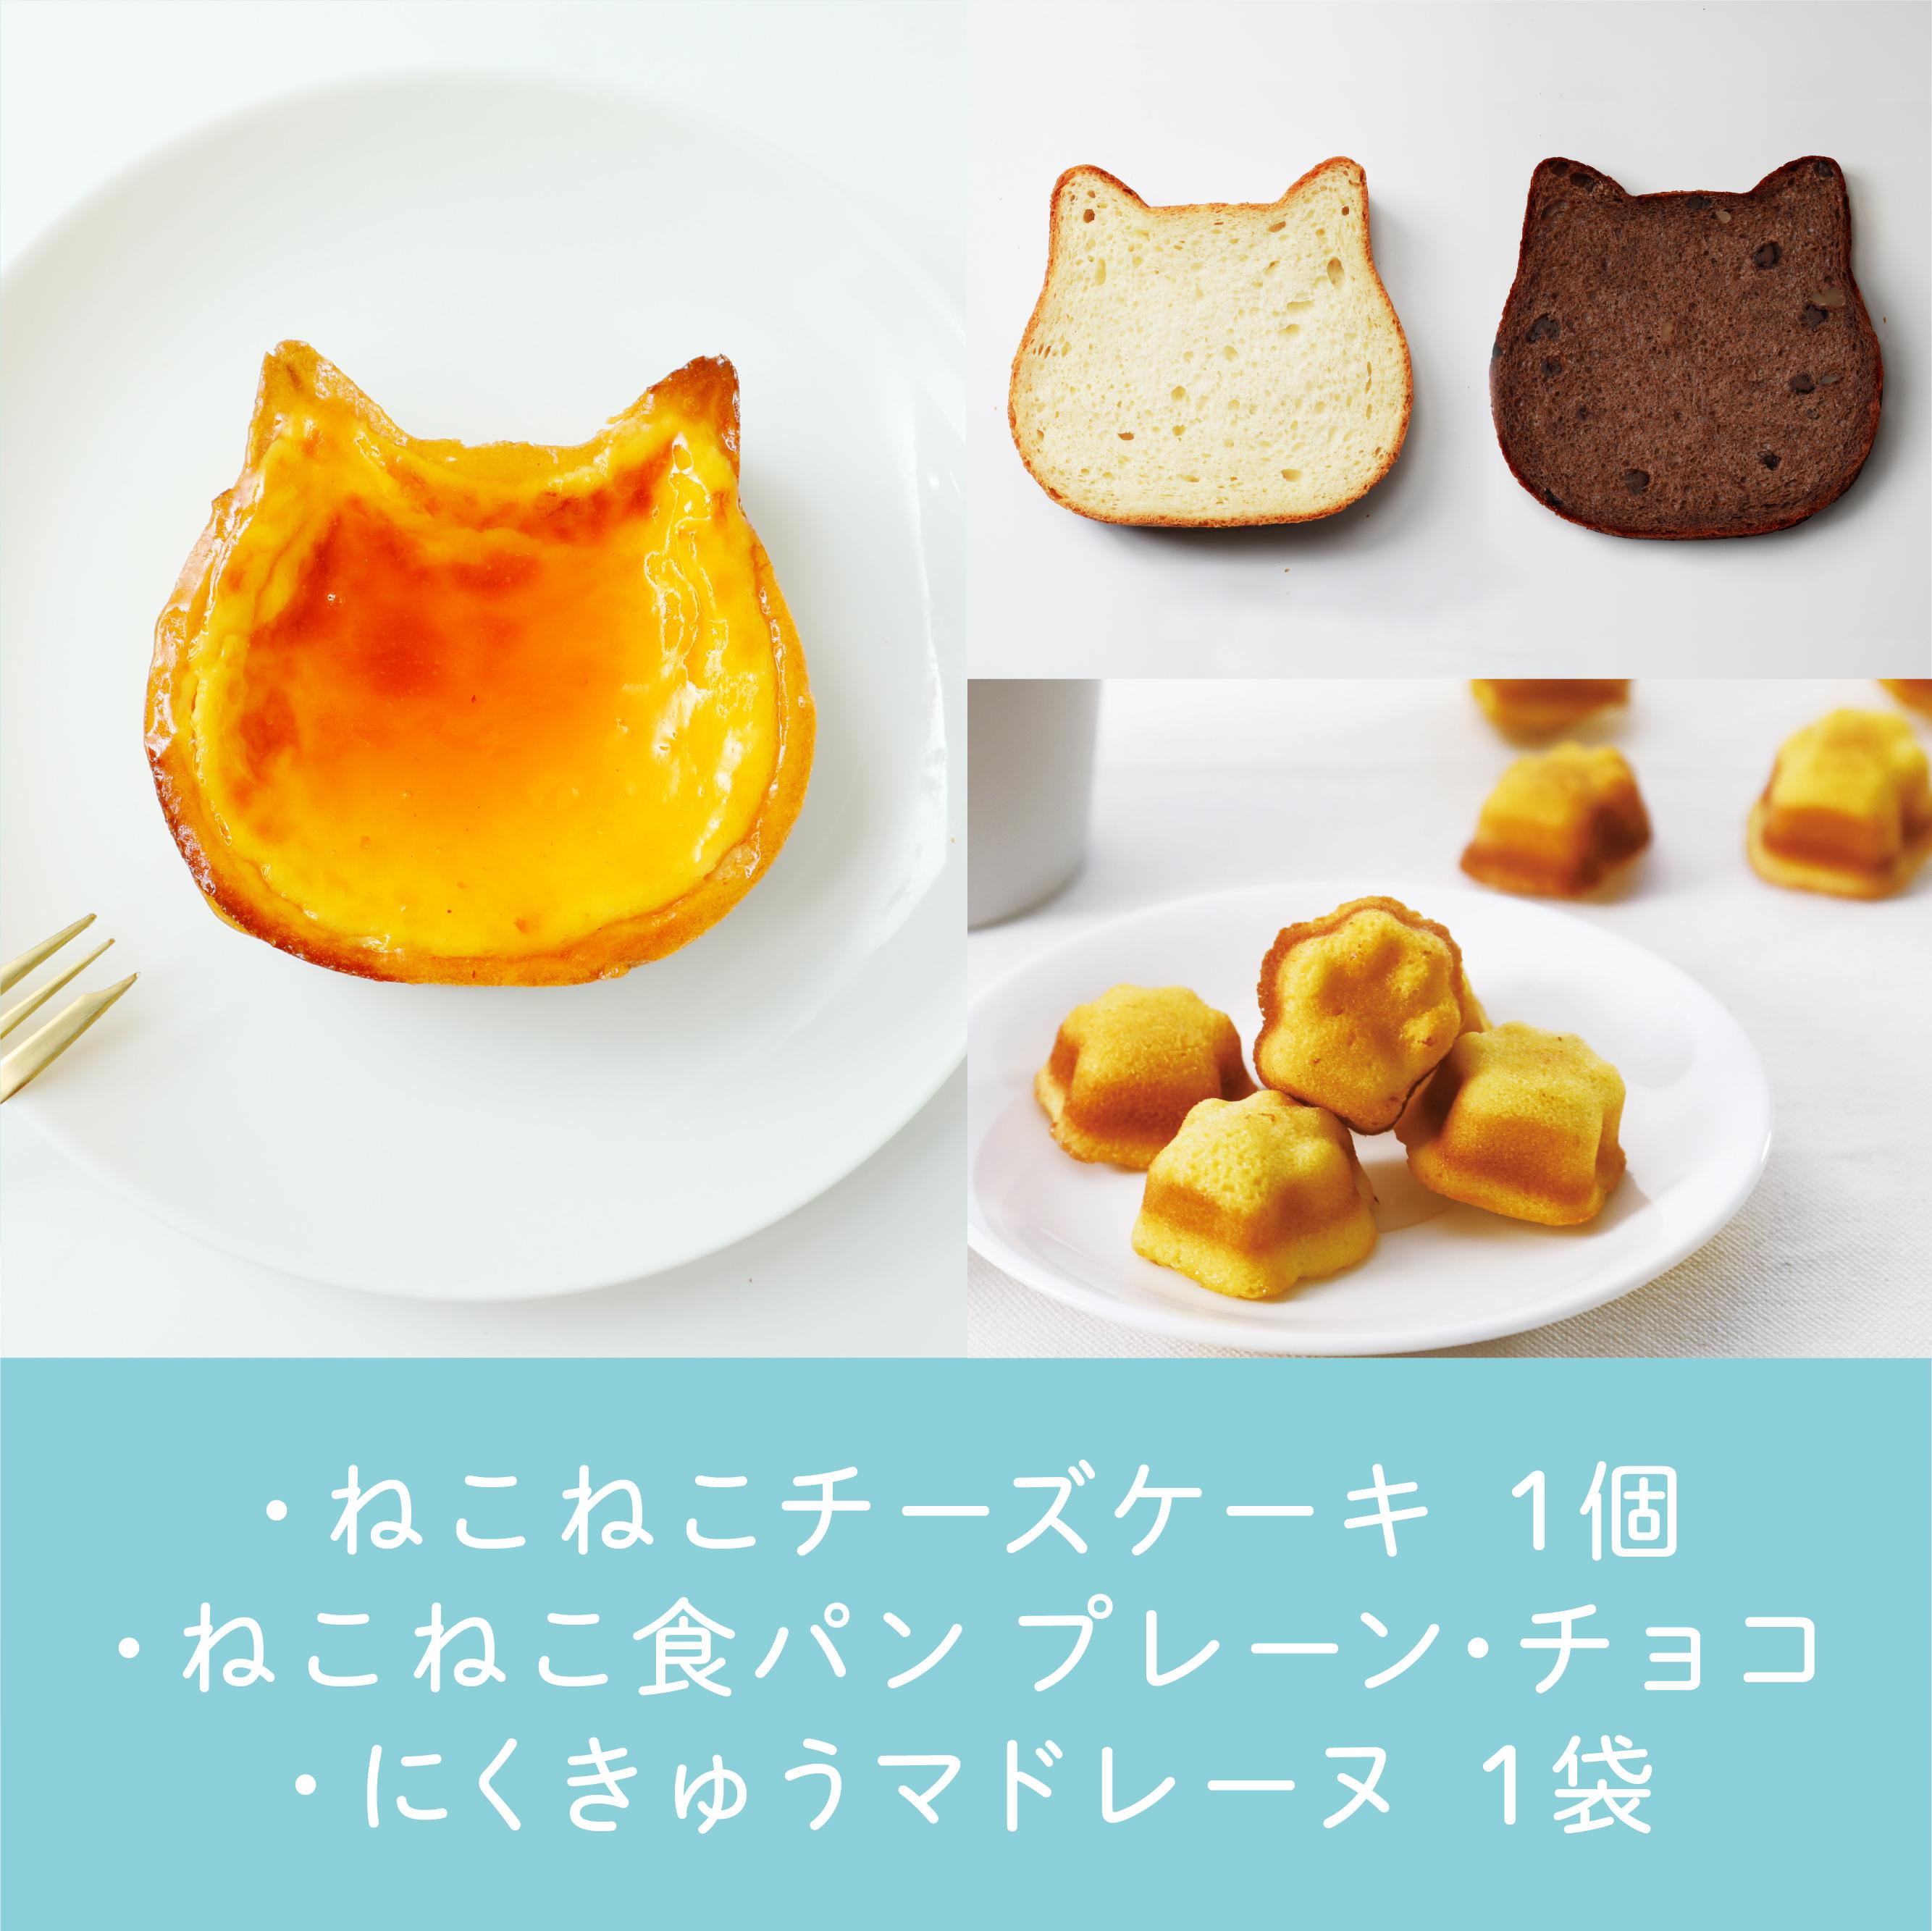 ねこねこ 食パン 広島